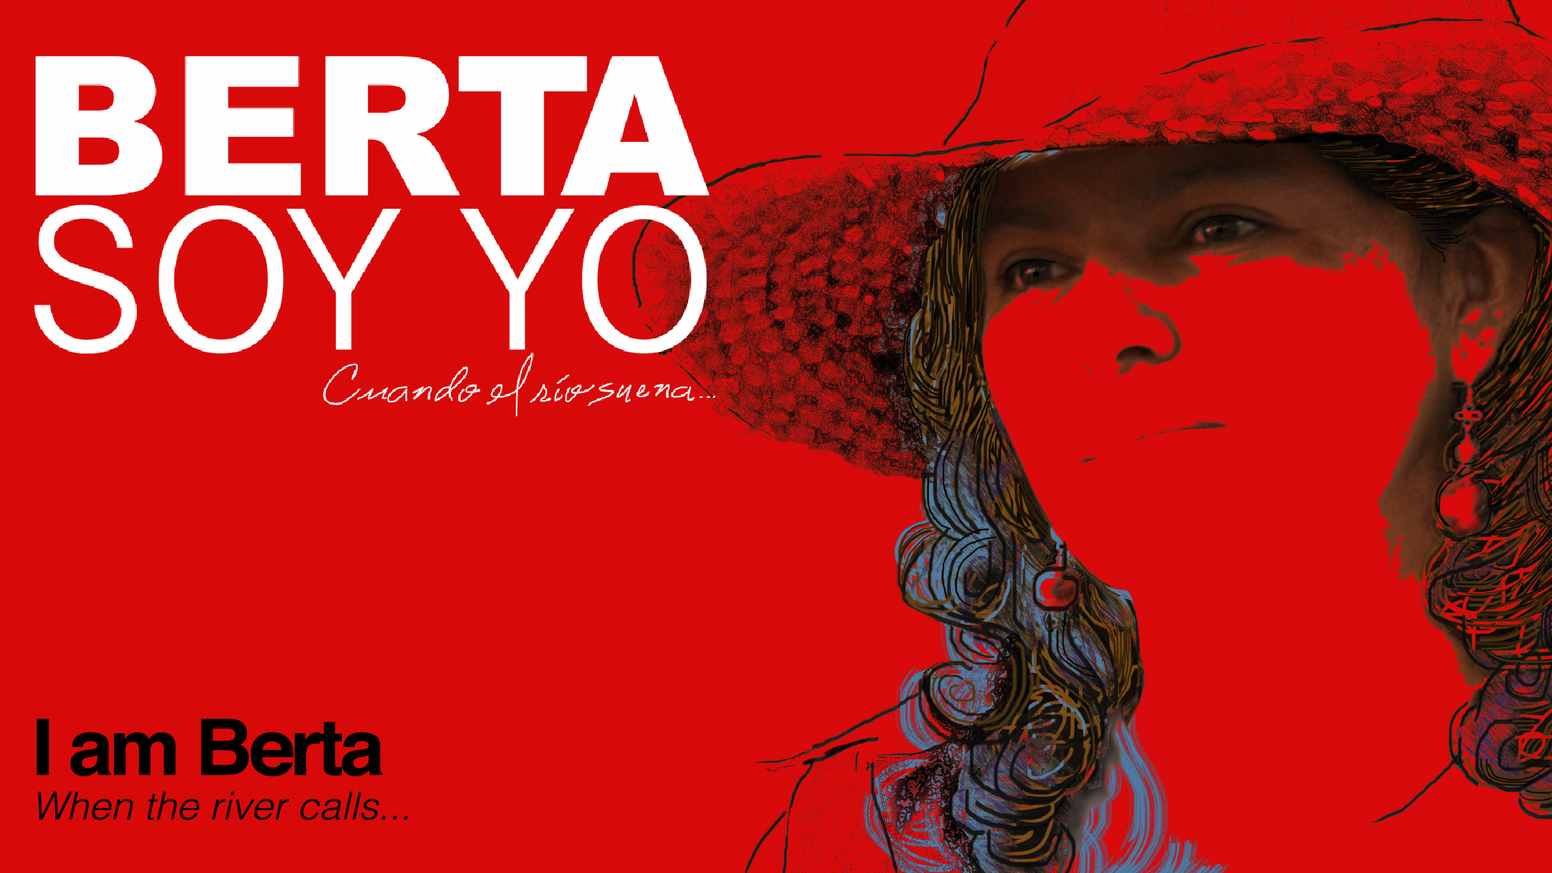 ¿Qué mató a Berta Cáceres? un crimen que continua en la impunidad | What killed Berta Cáceres? a crime that continues in impunity